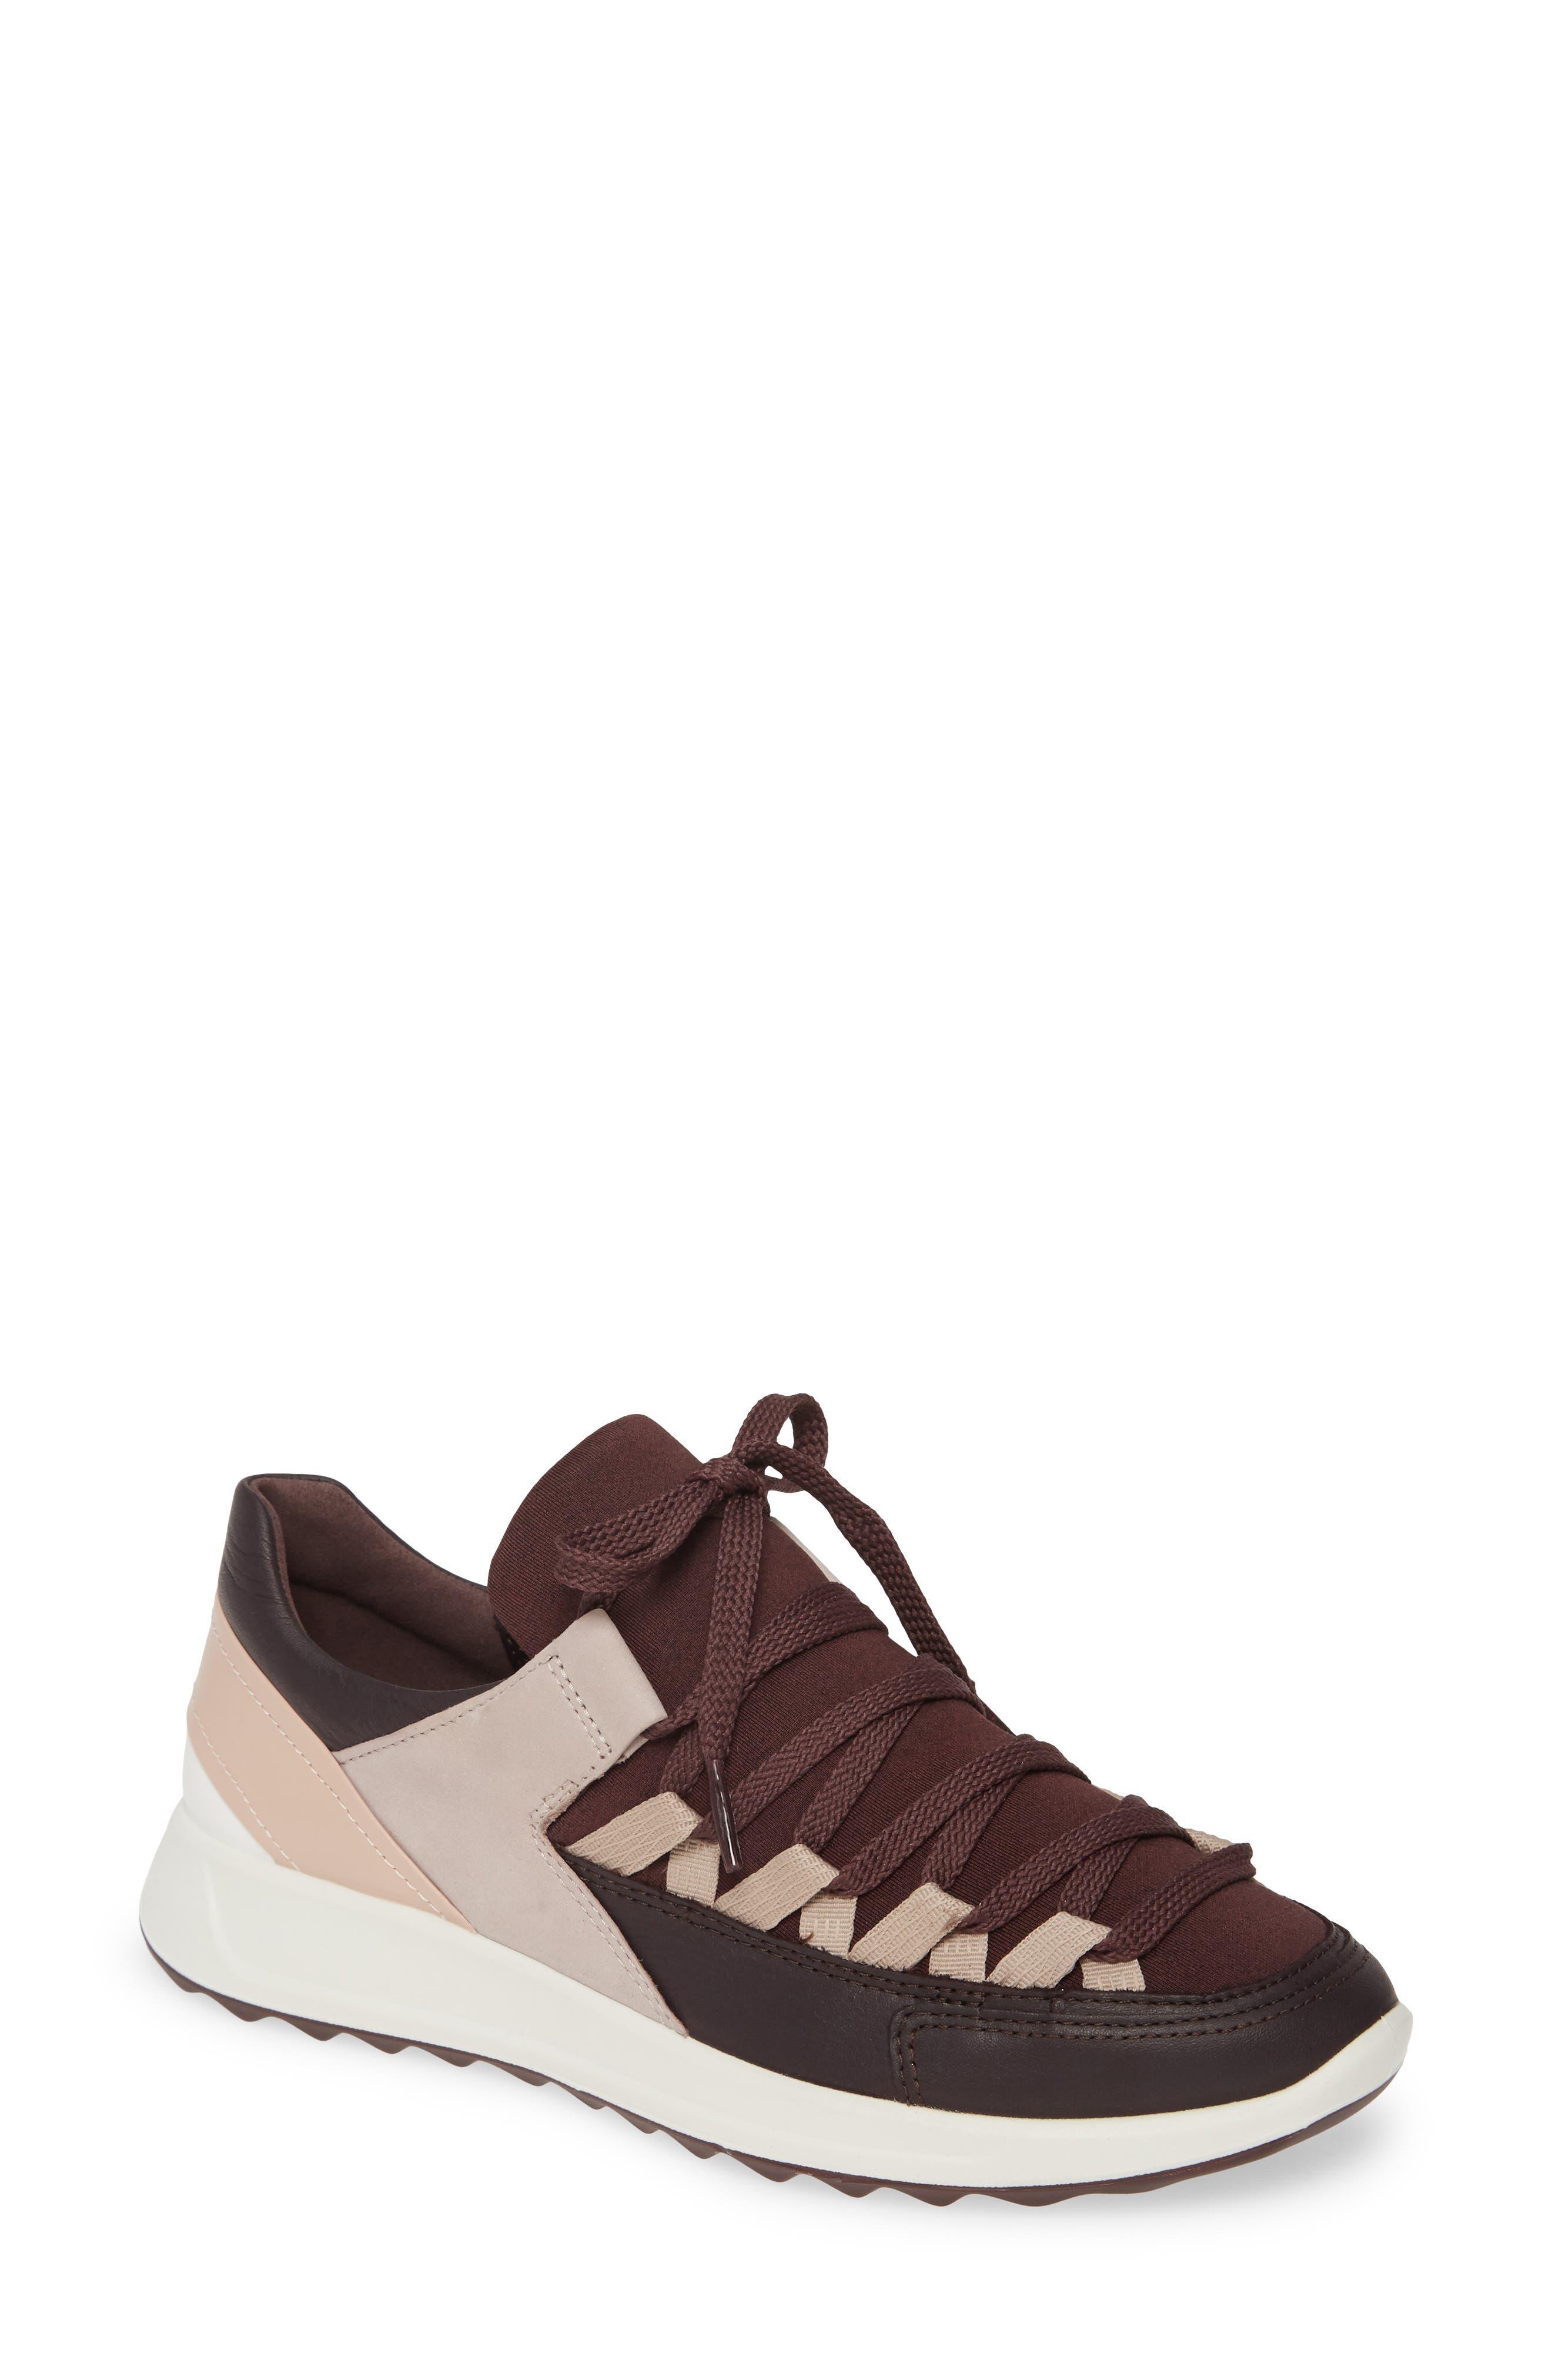 Ecco Flexure Runner Ii Sneaker, Burgundy